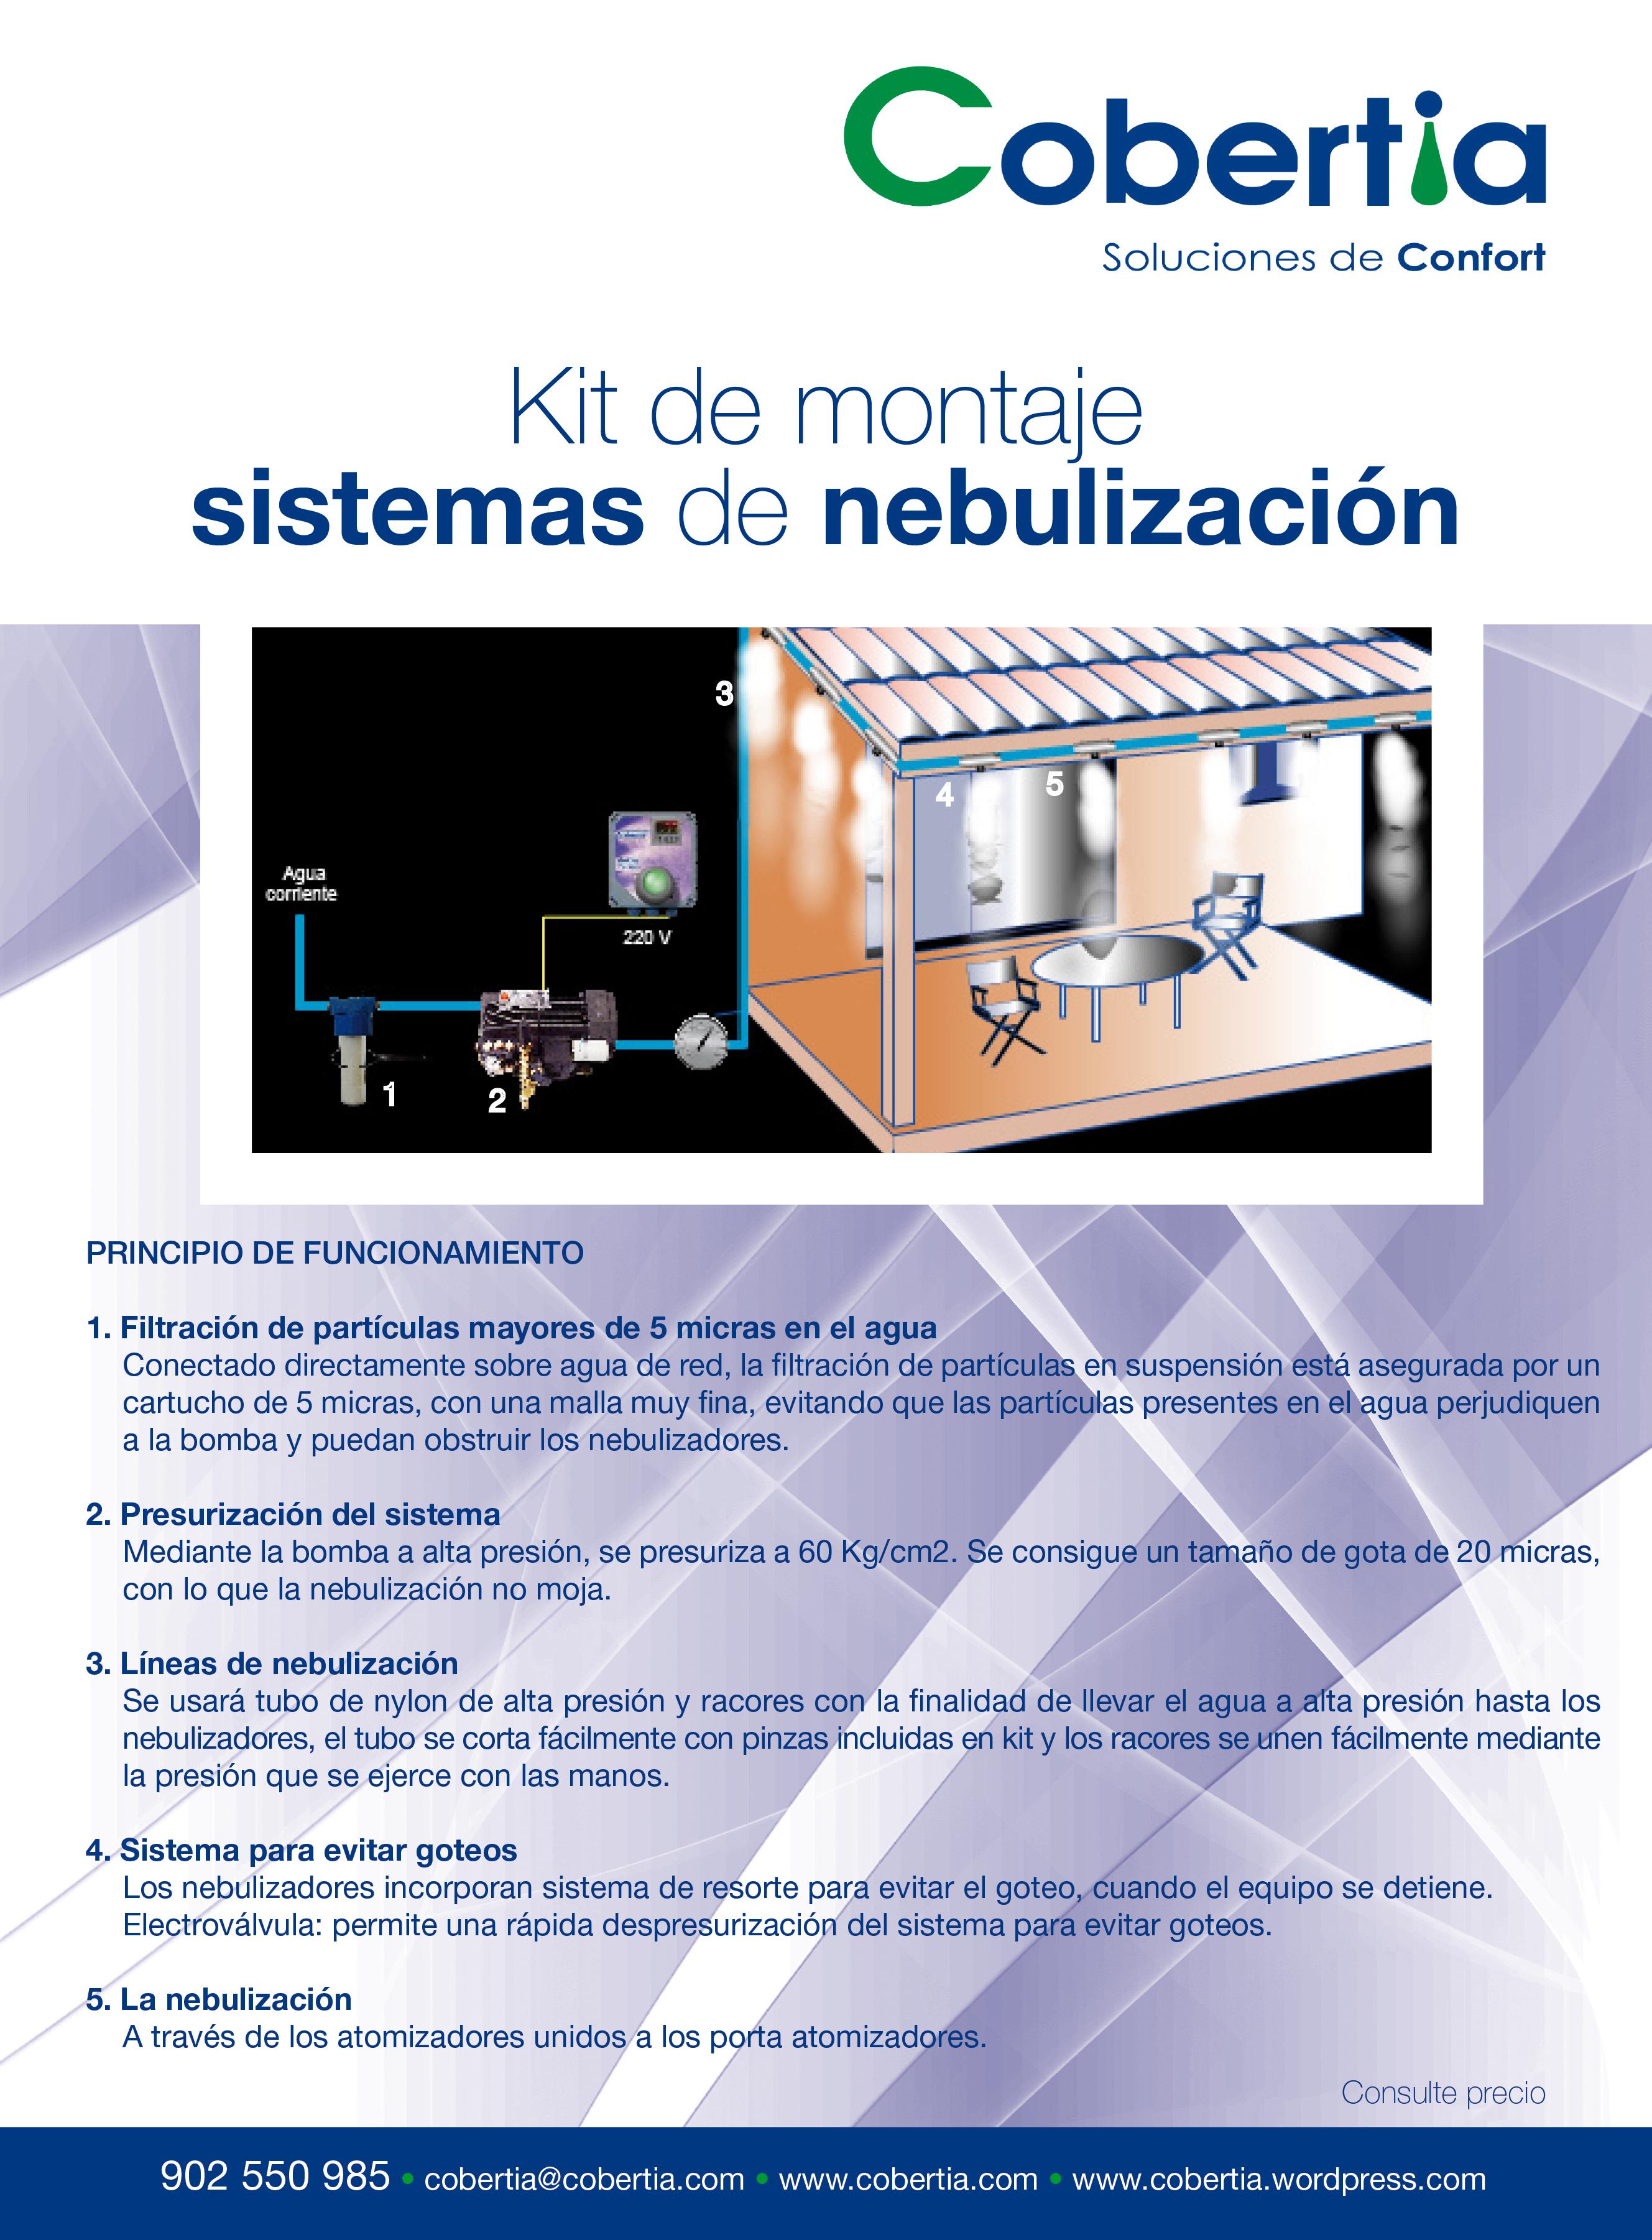 Cobertia kits de montaje de sistemas de nebulizaci n - Sistema de nebulizacion ...